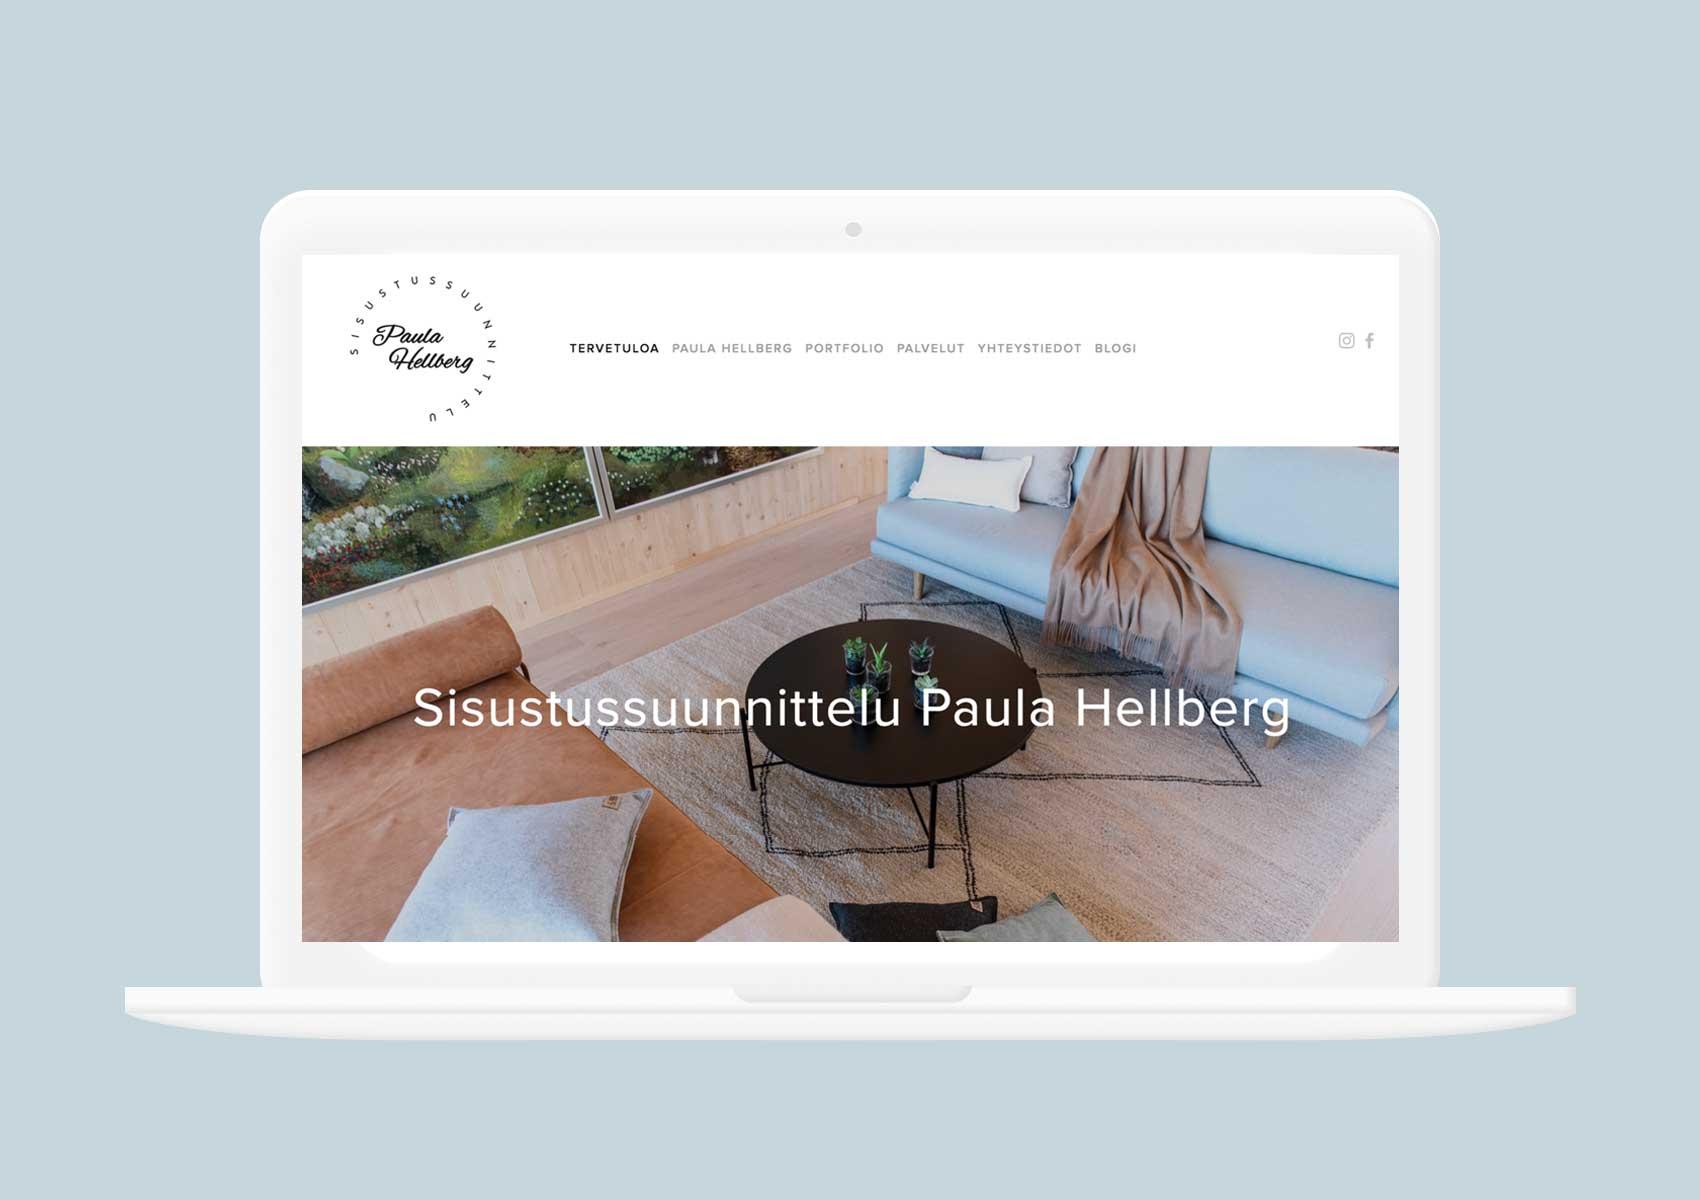 Sisustussuunnittelu Paula Hellbergin nettisivut